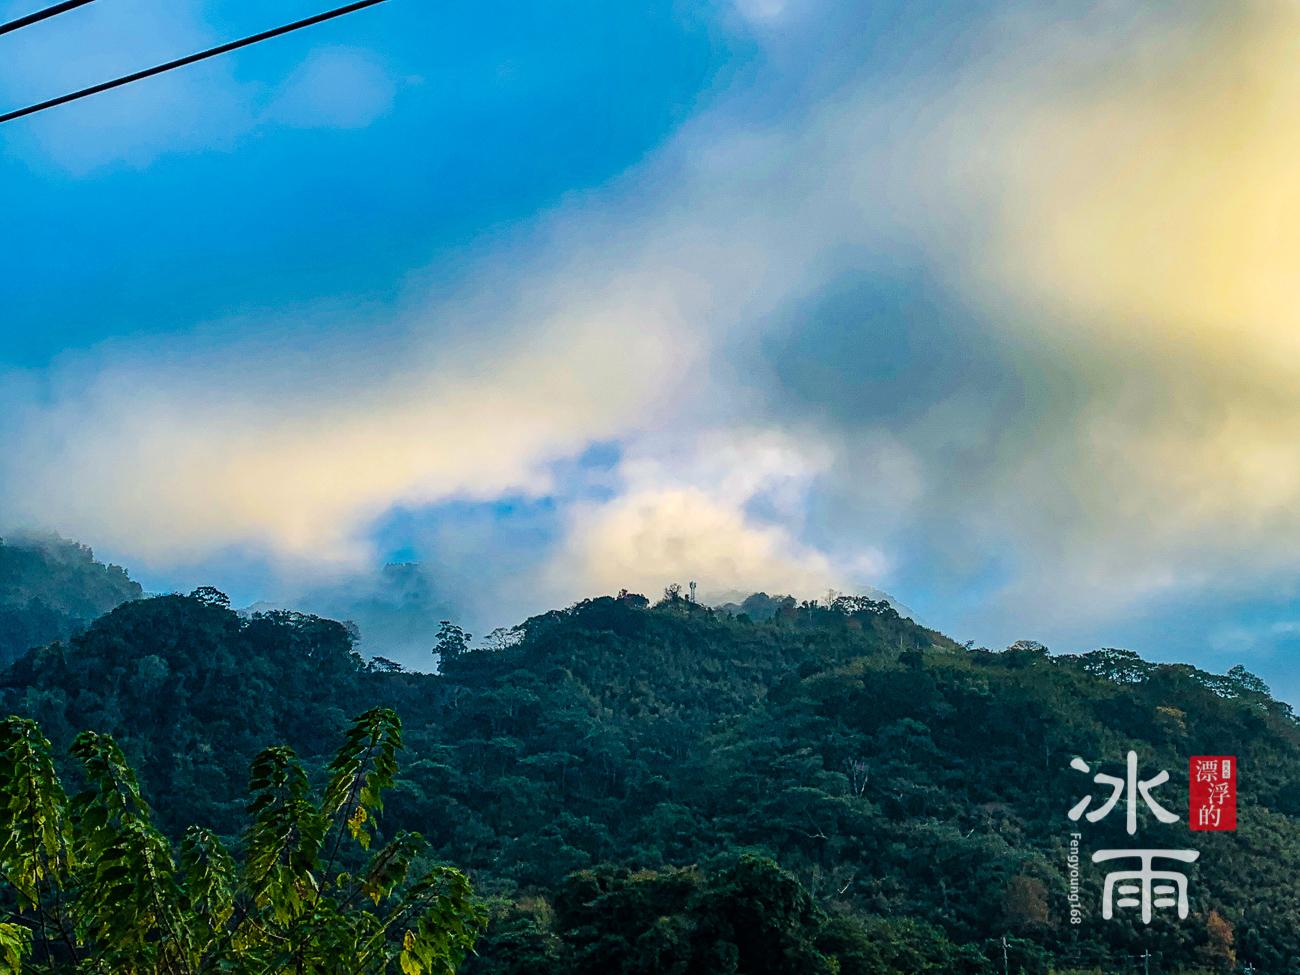 獅山古道|獅頭山風景區|路上風景